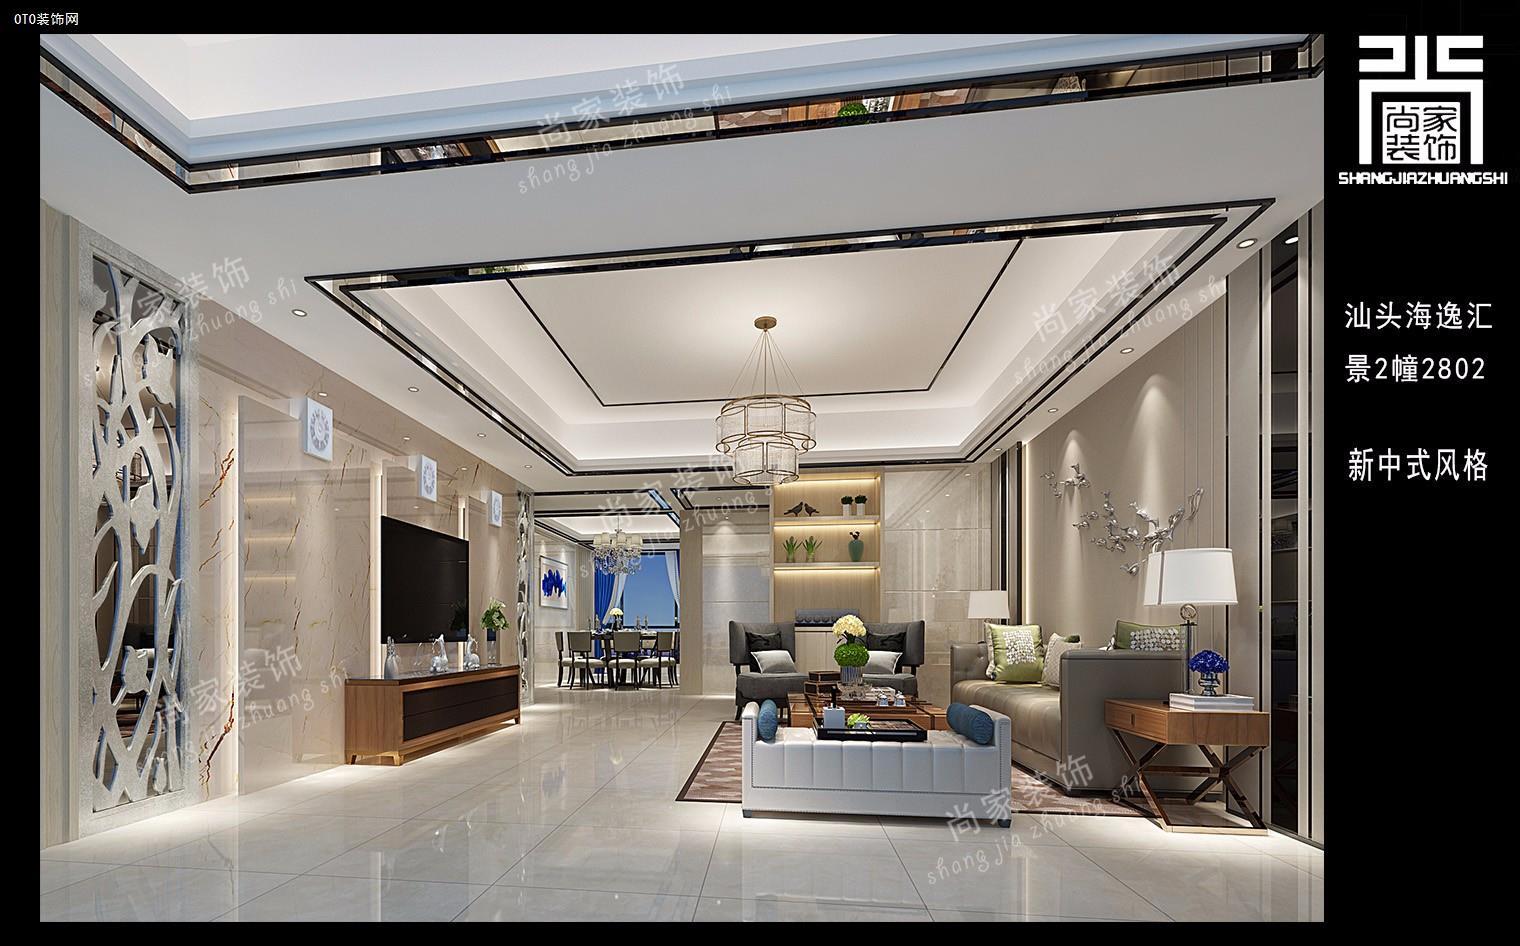 汕头海逸豪庭2幢2802新中式